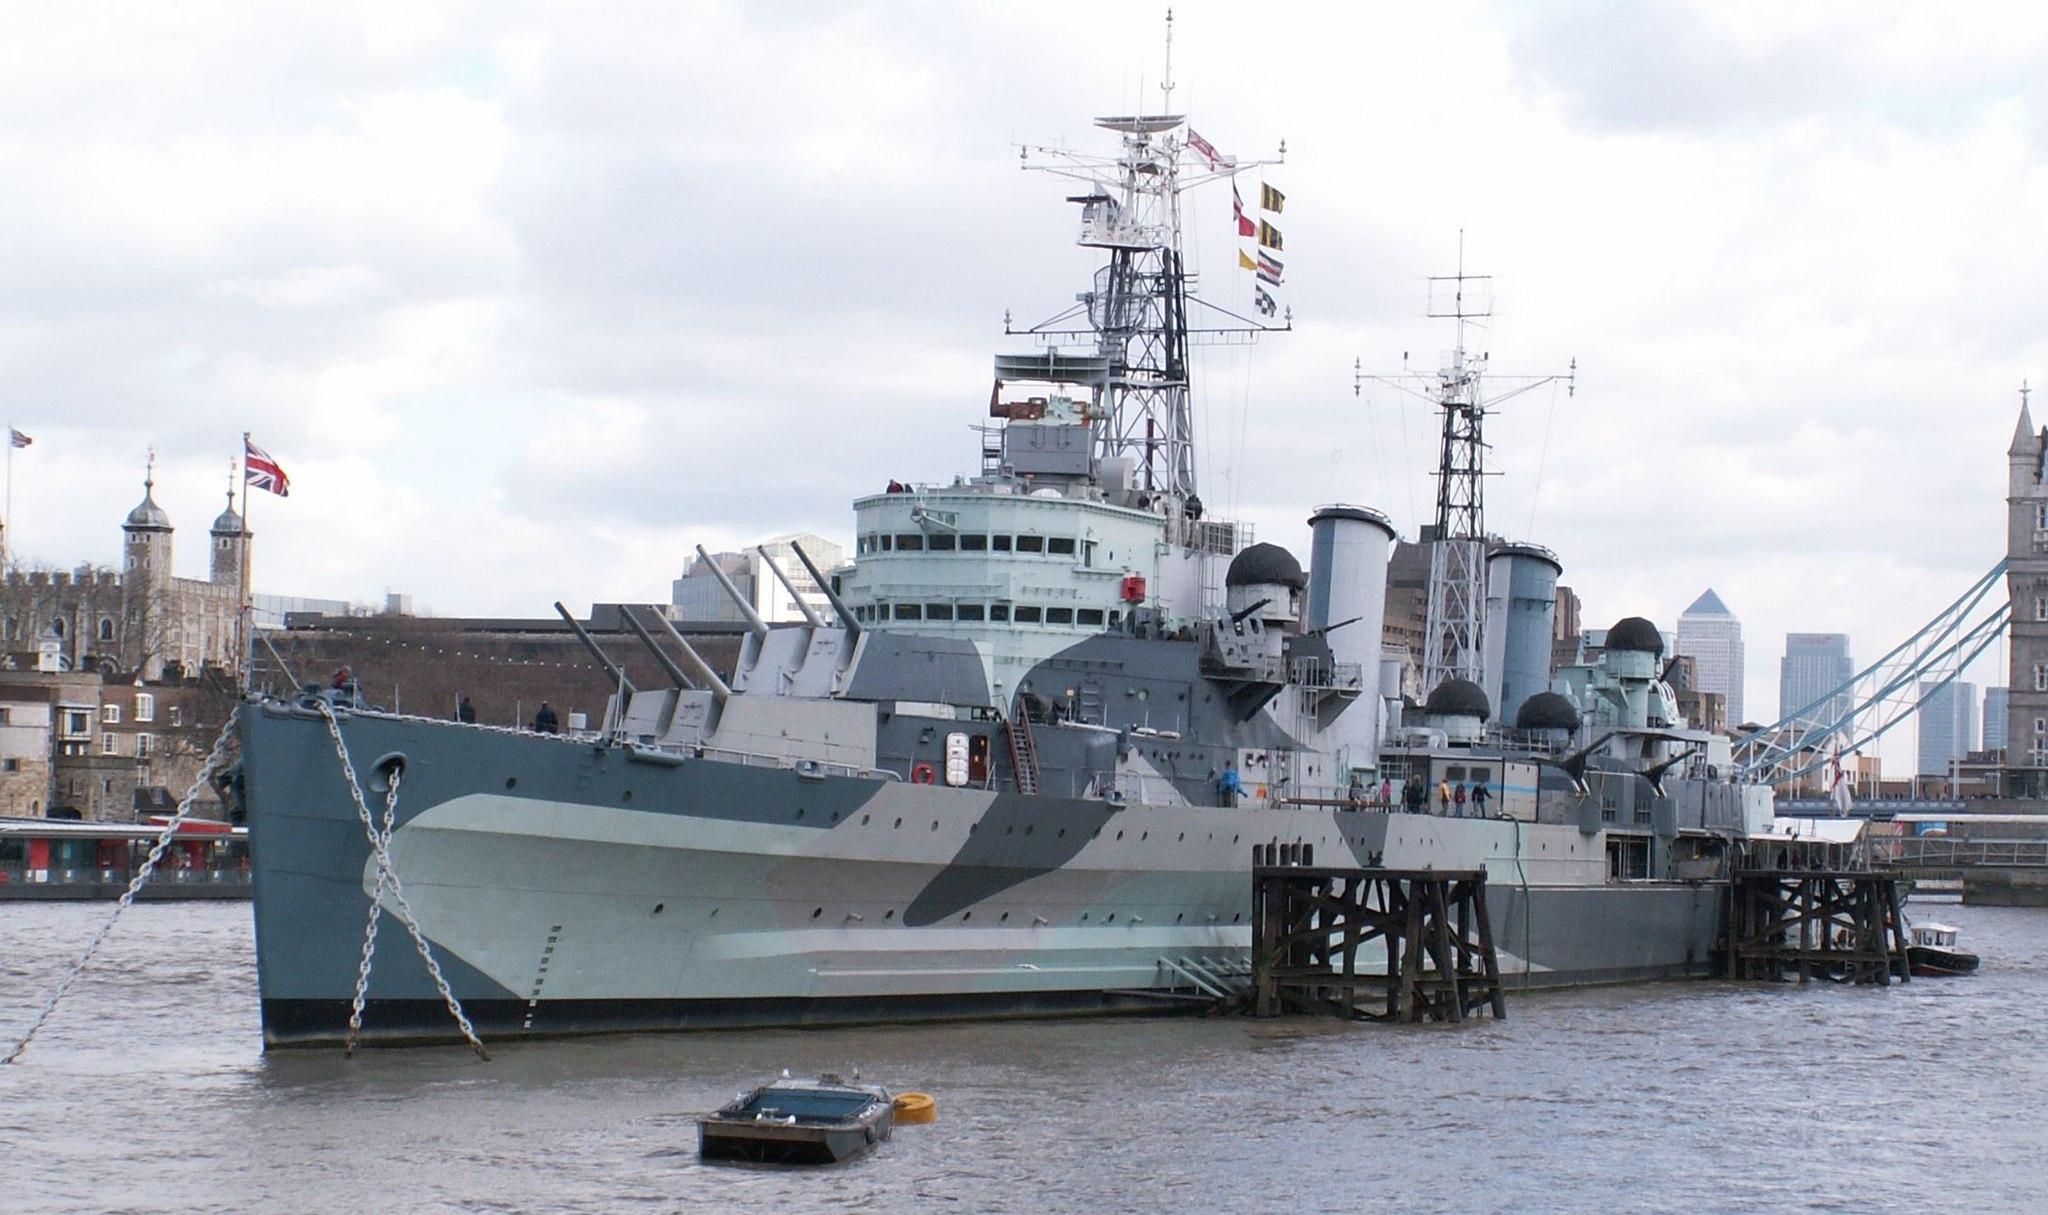 HMS Belfast 1 db